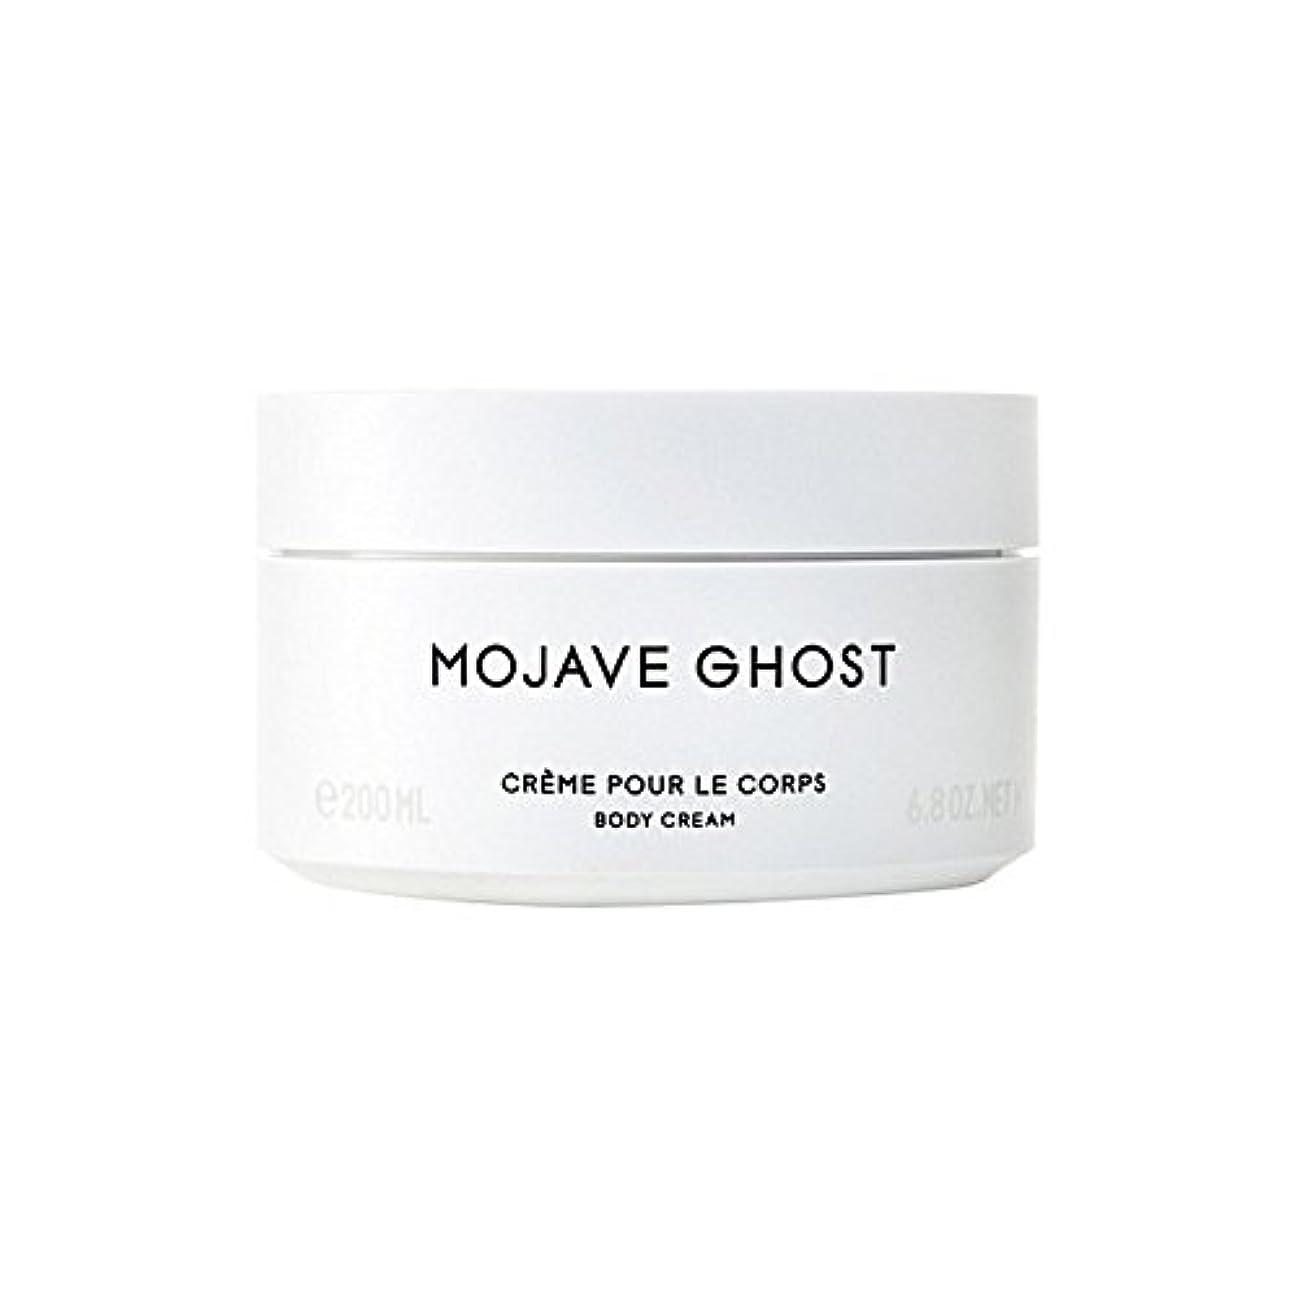 法王閉塞受動的Byredo Mojave Ghost Body Cream 200ml (Pack of 6) - モハーベゴーストボディクリーム200ミリリットル x6 [並行輸入品]